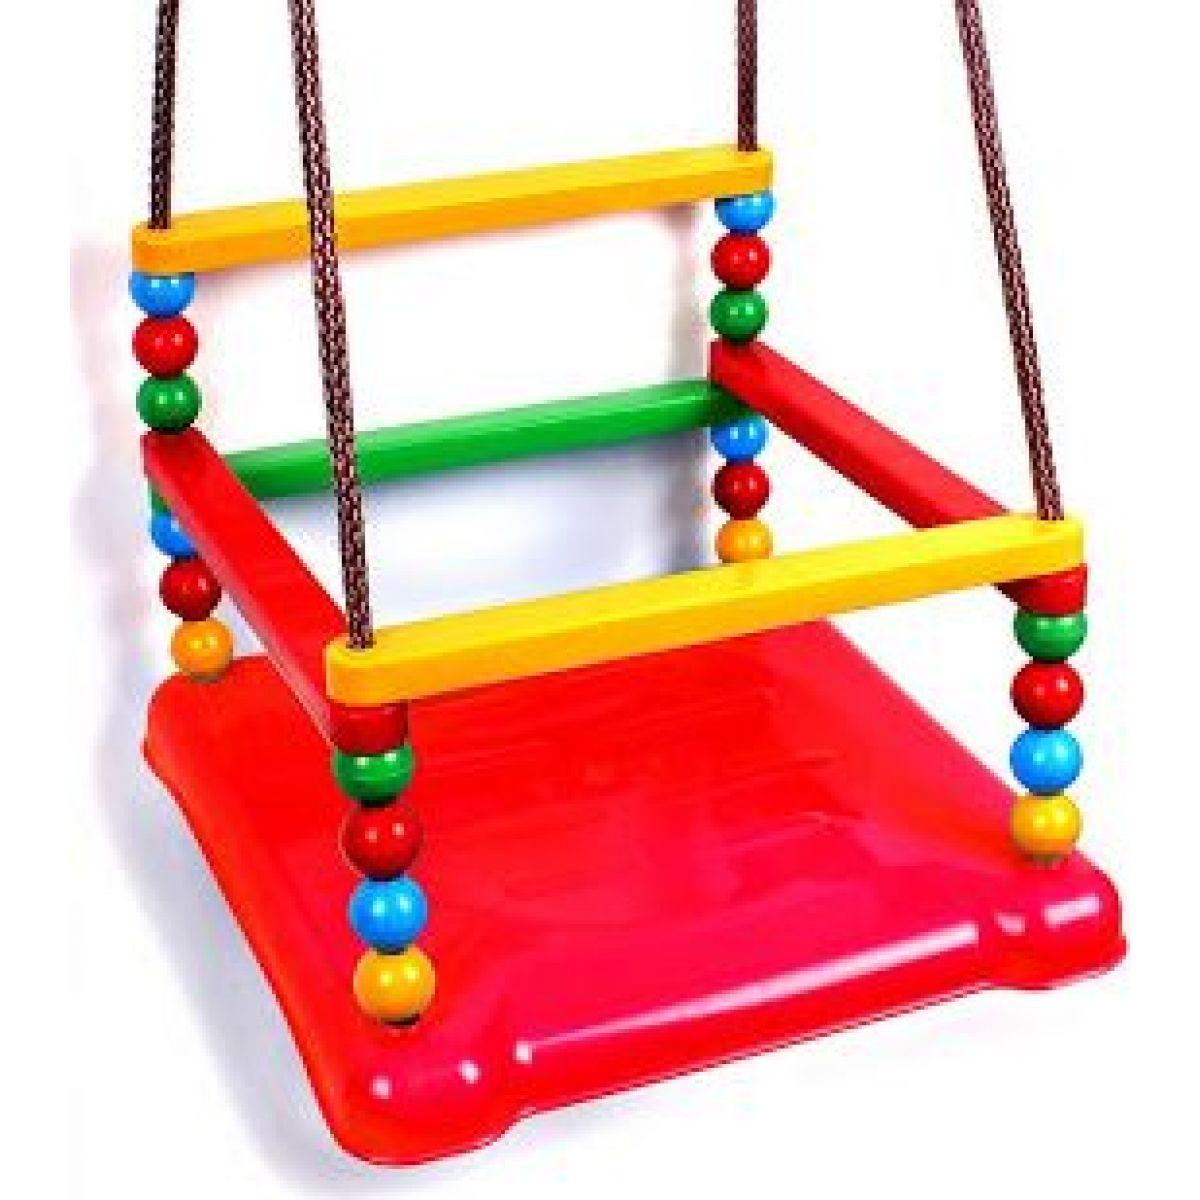 Hojdačka plast 35x34cm nosnosť 40kg červený sedák